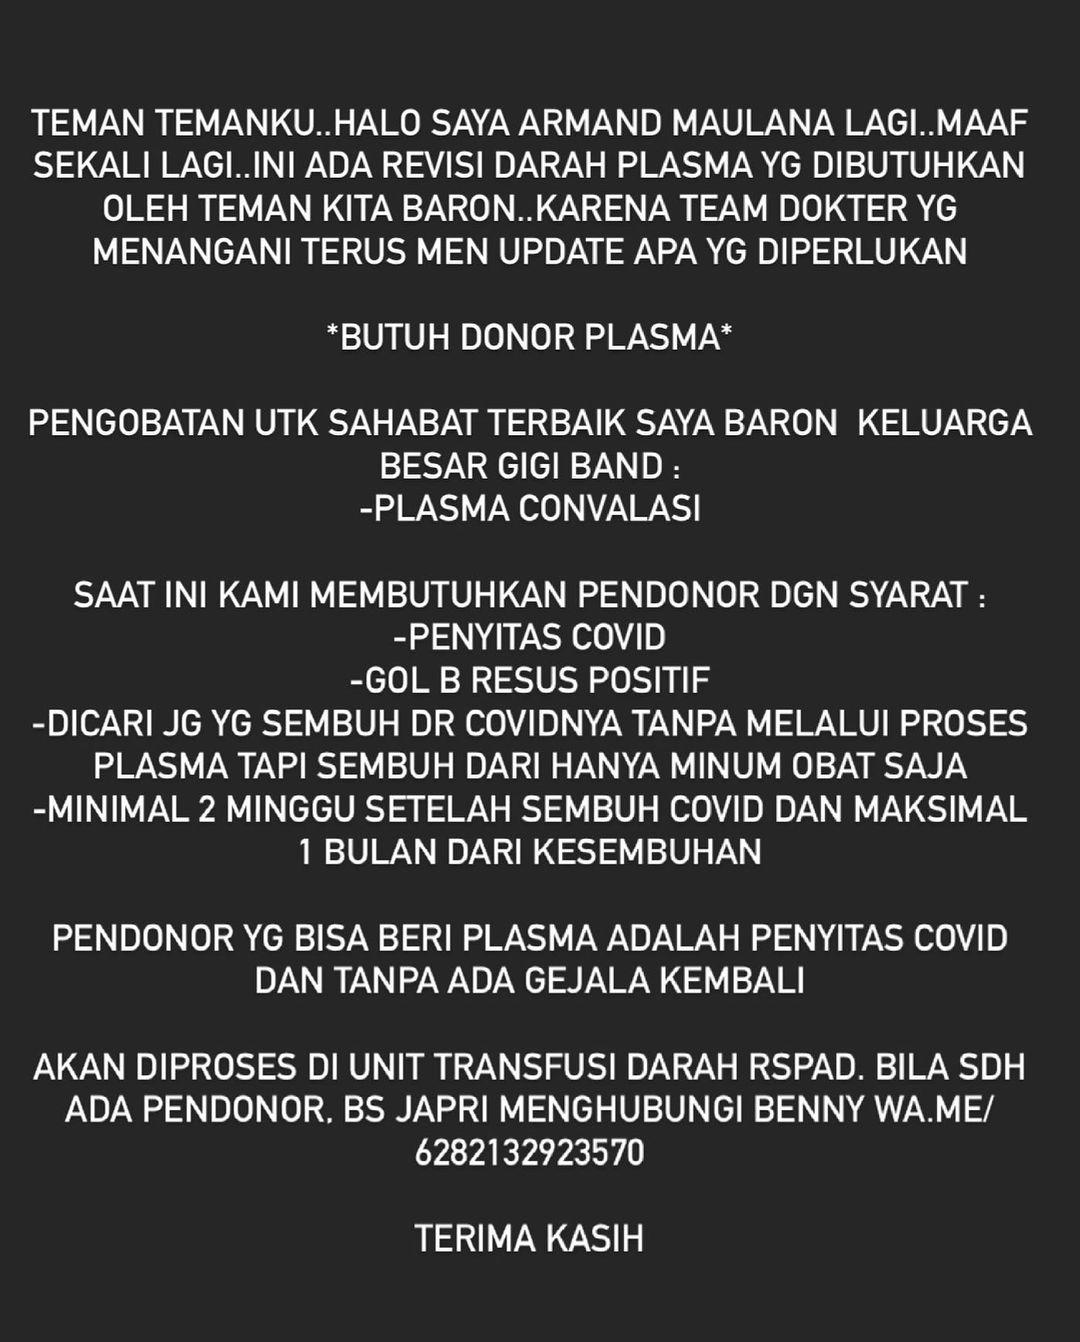 Aria Baron Positif Covid-19, Armand Maulana Cari Pendonor Plasma